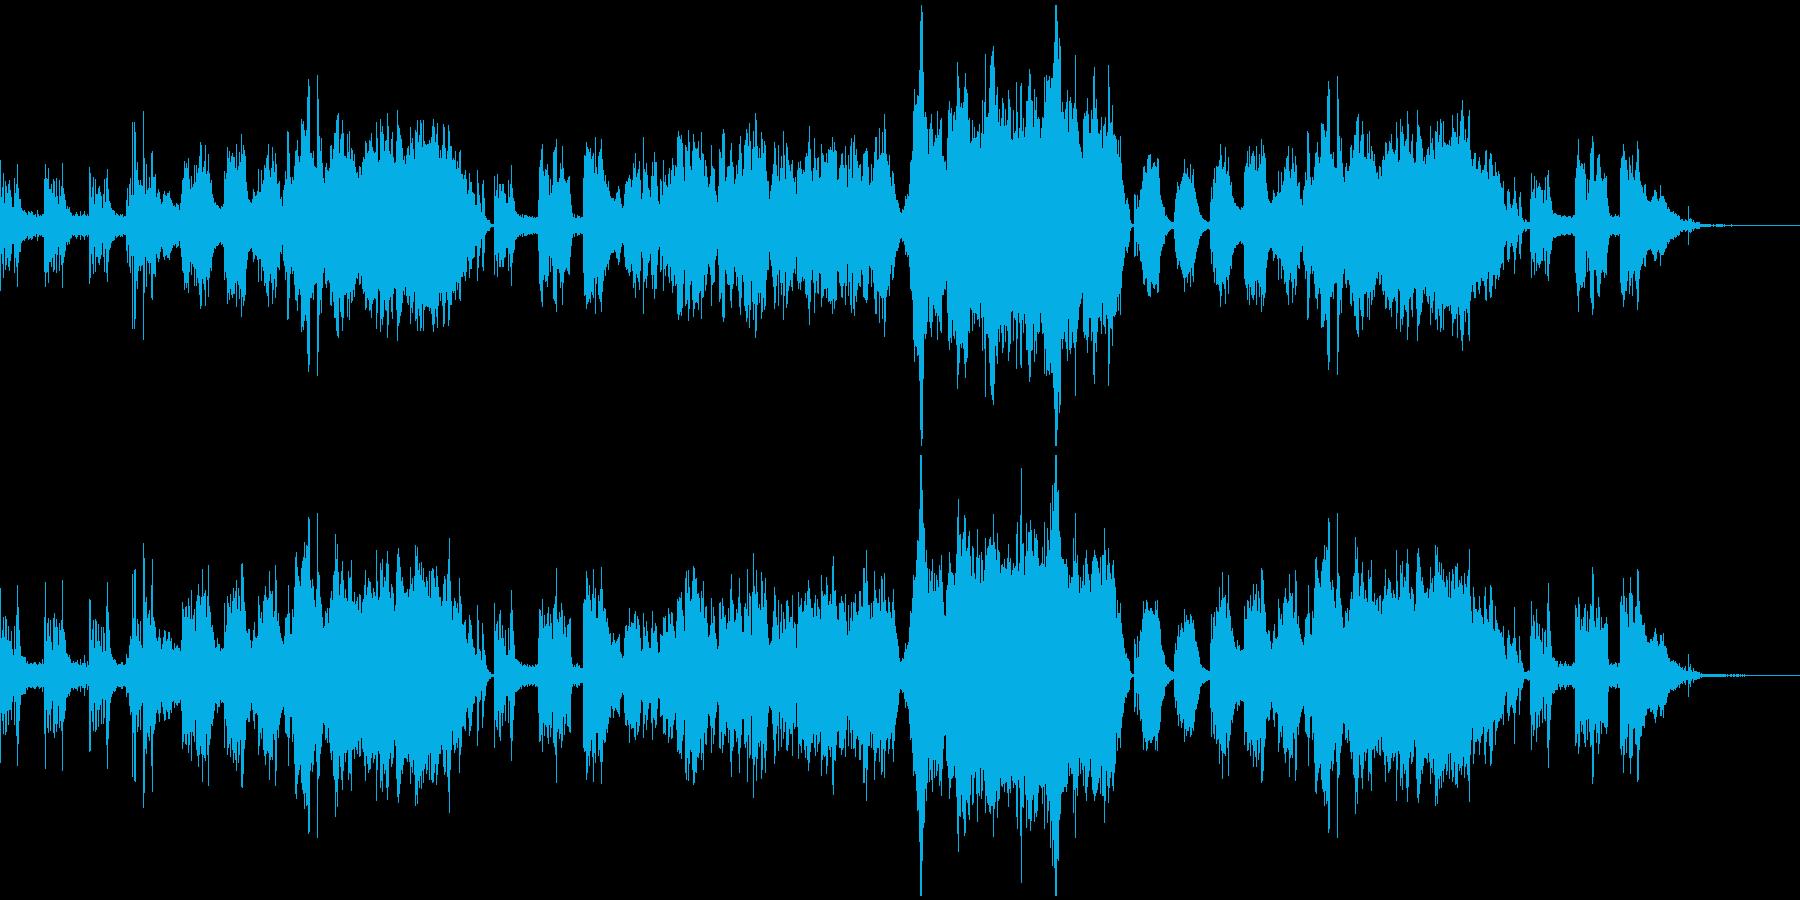 感動的なシーンに合う壮大なピアノ協奏曲の再生済みの波形